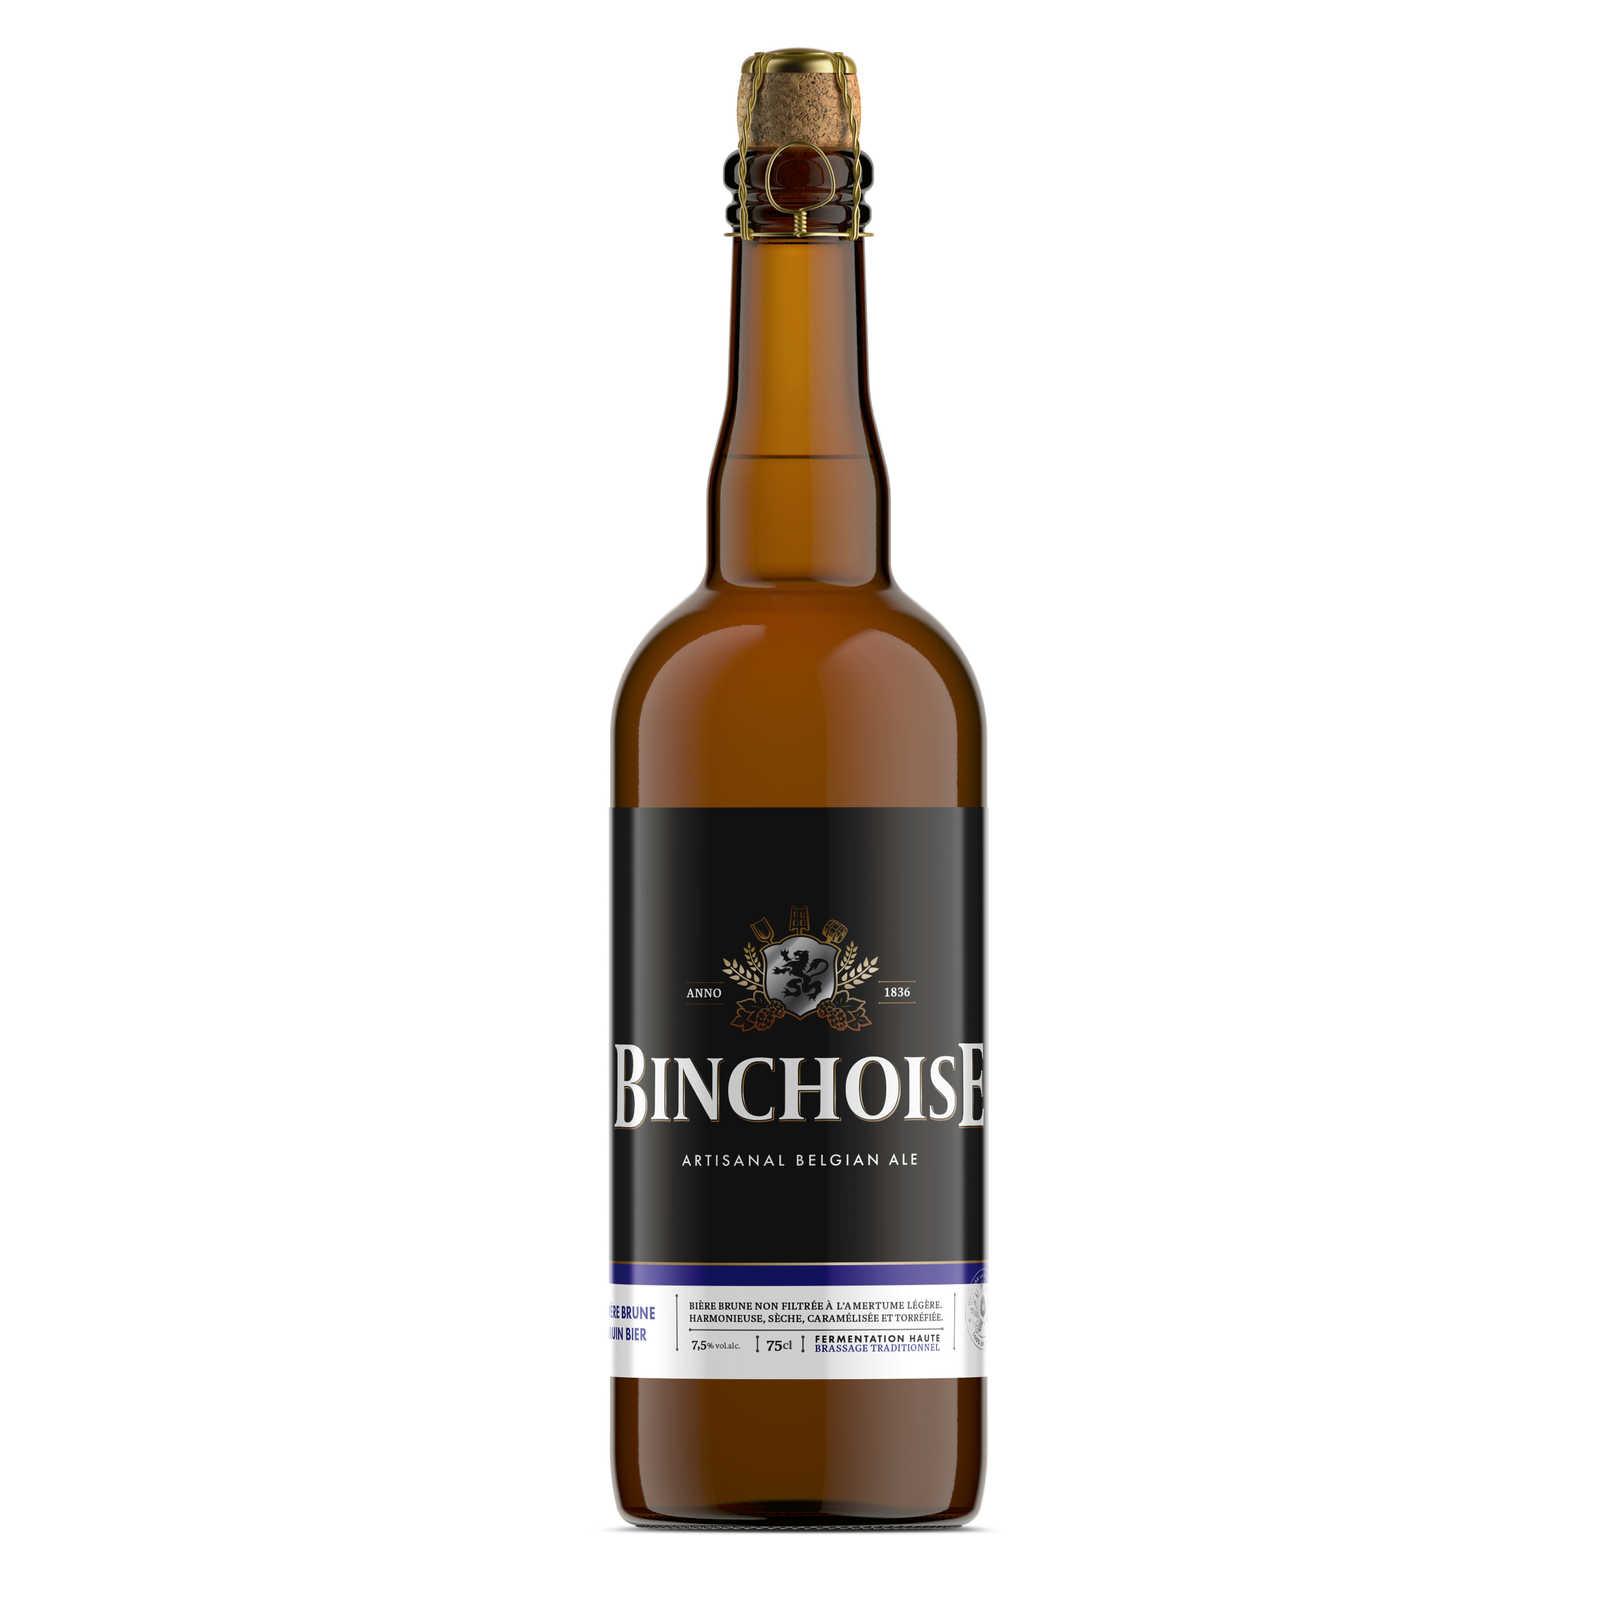 La Binchoise